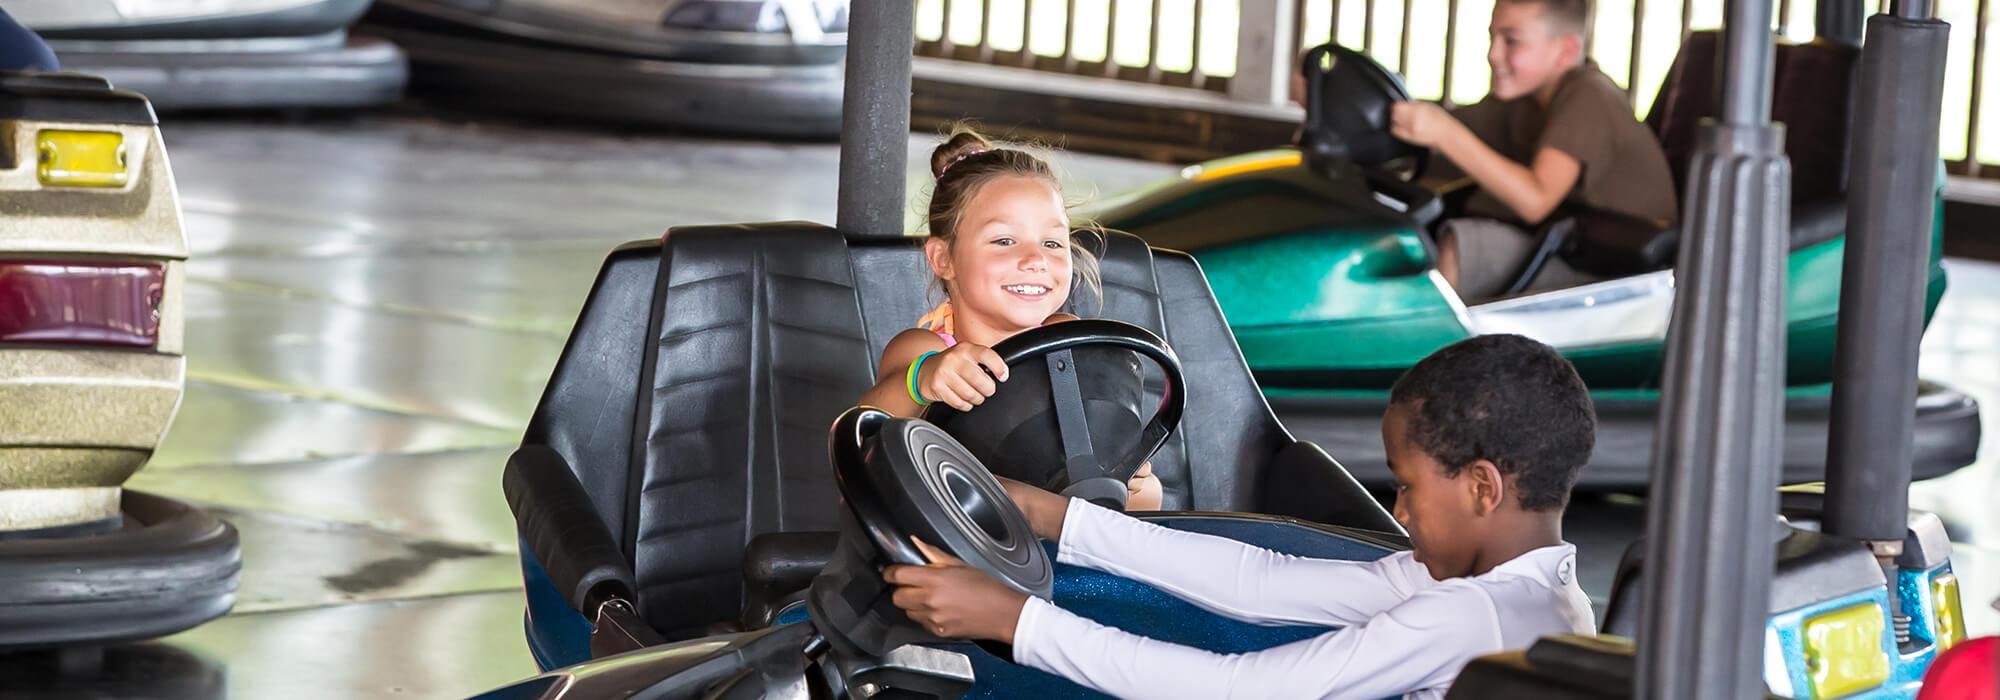 Bumper Cars | Beech Bend Amusement Park - Bowling Green, KY